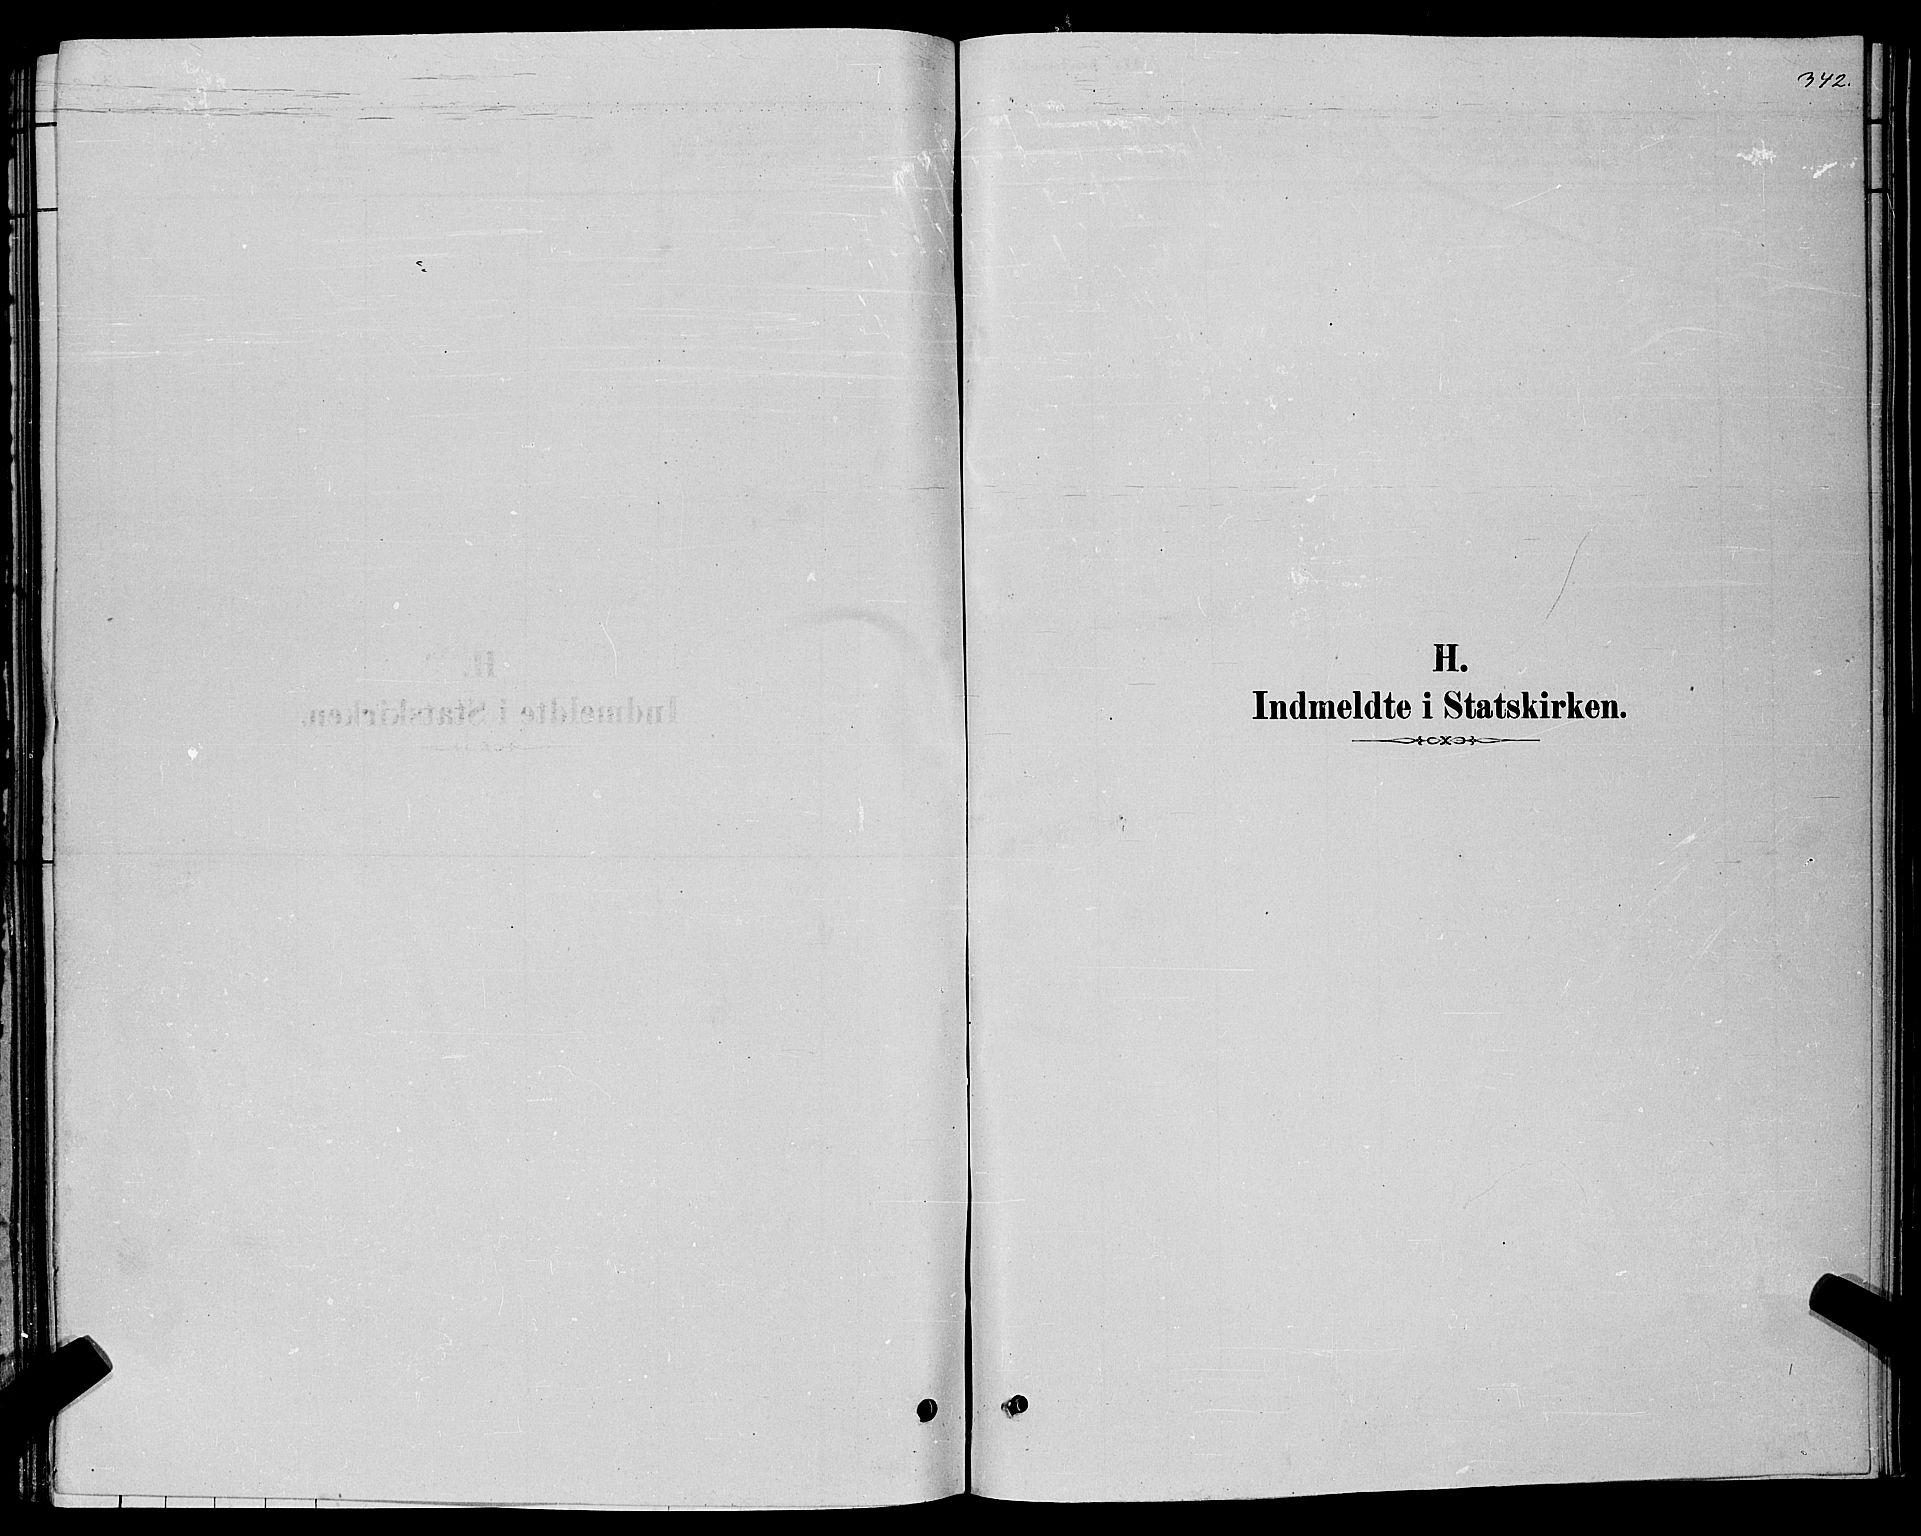 SAT, Ministerialprotokoller, klokkerbøker og fødselsregistre - Møre og Romsdal, 529/L0466: Klokkerbok nr. 529C03, 1878-1888, s. 342